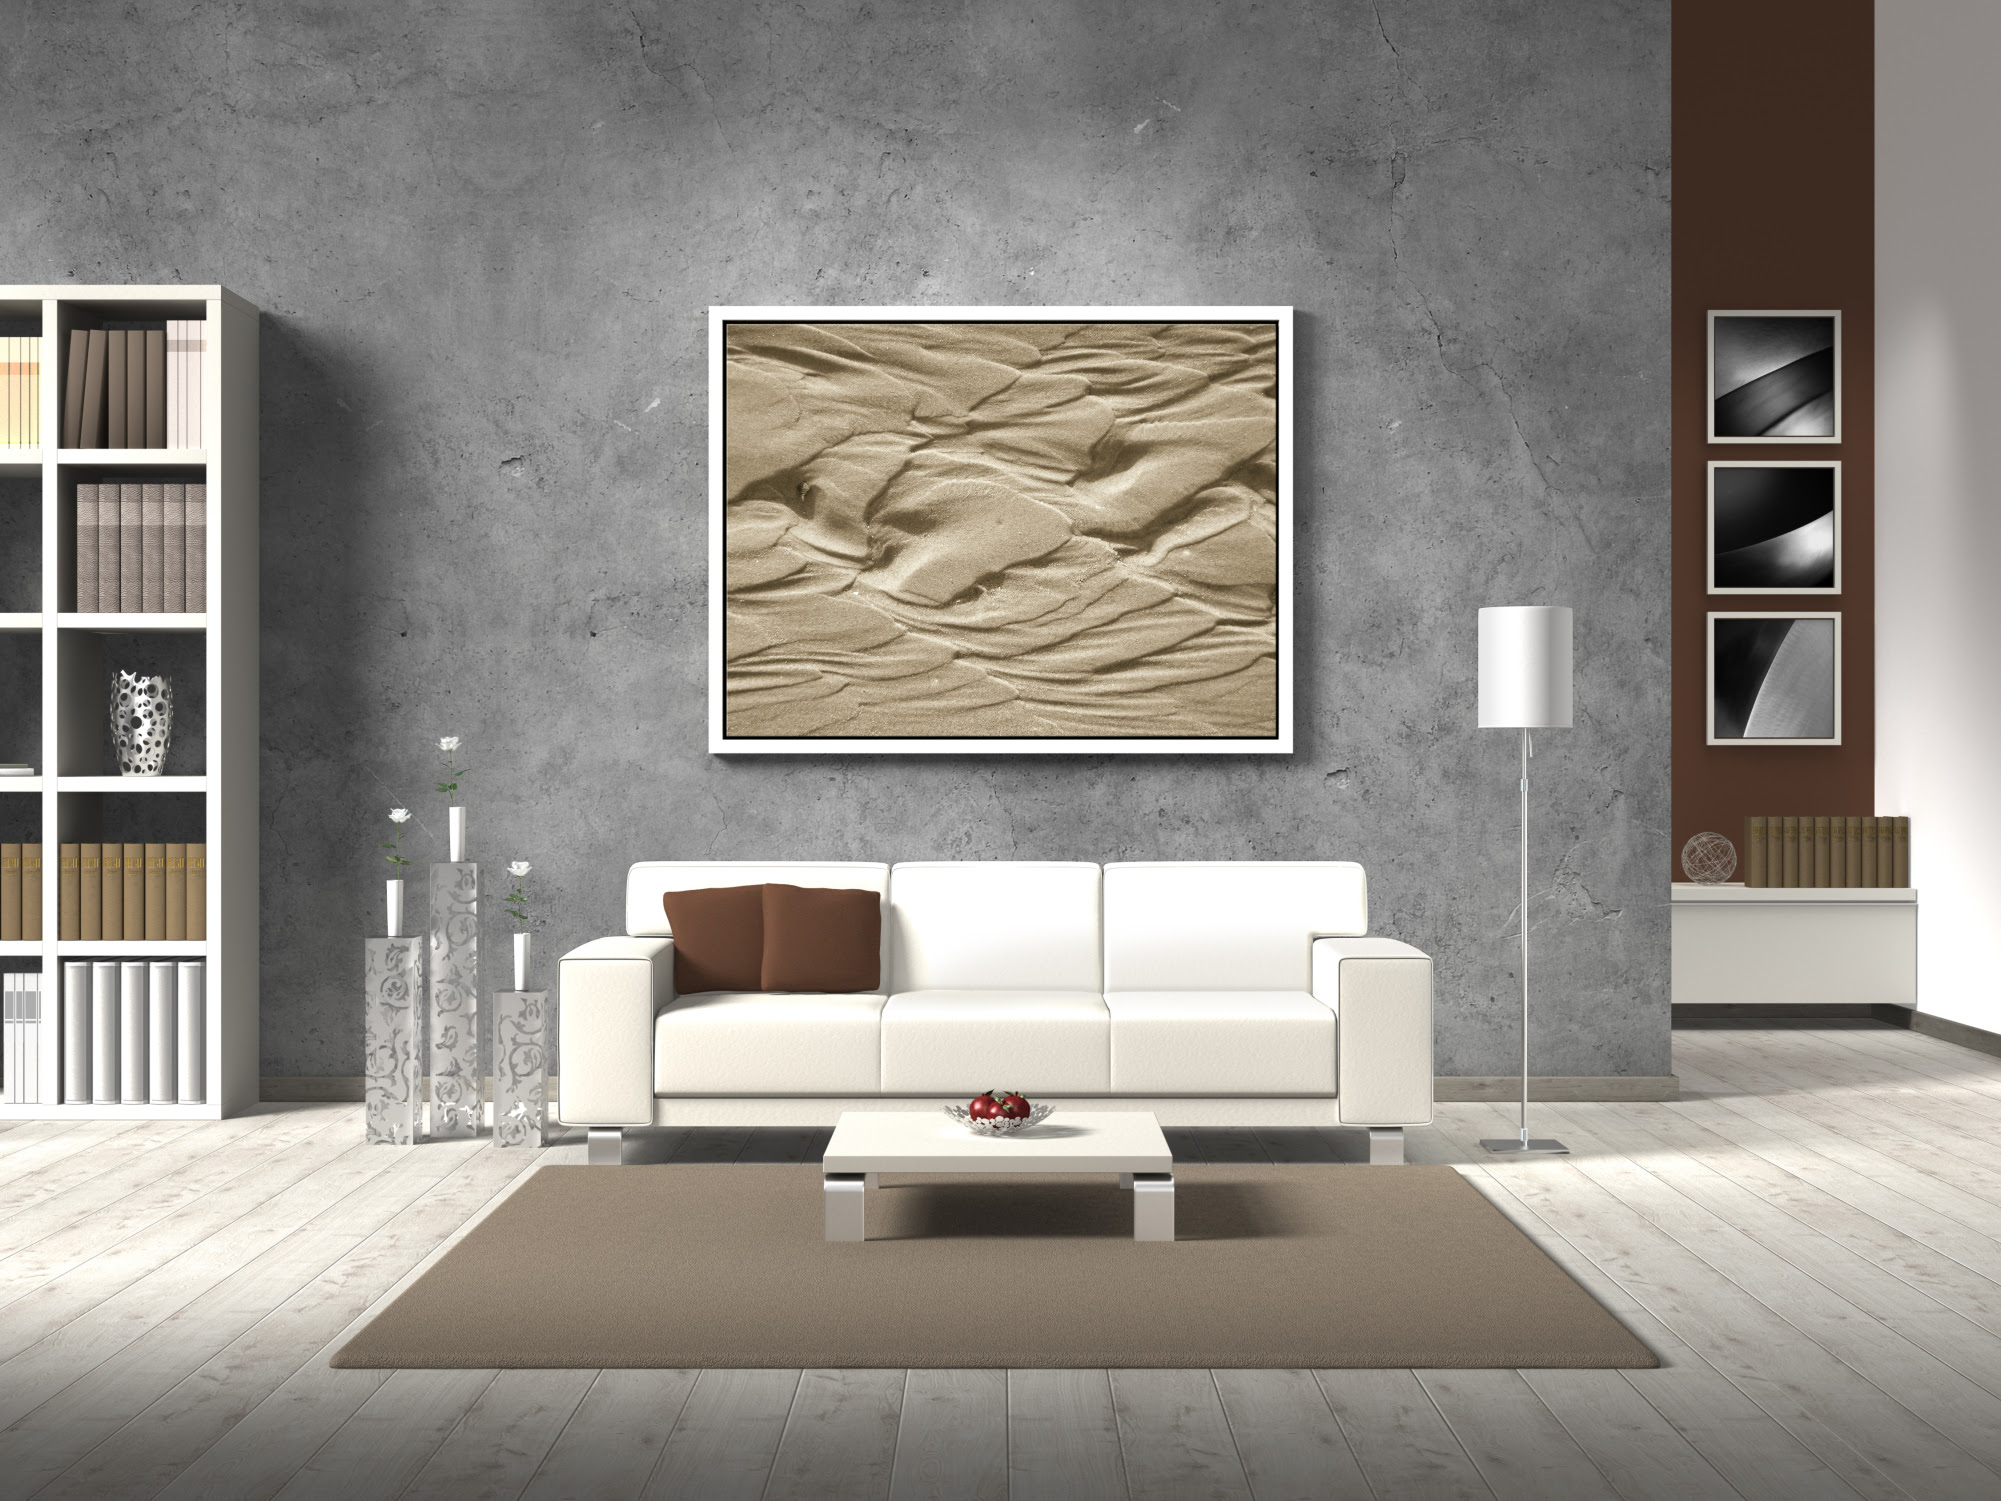 Design ideas for floor lamps 2013   Designbuzz : Design ideas and ...